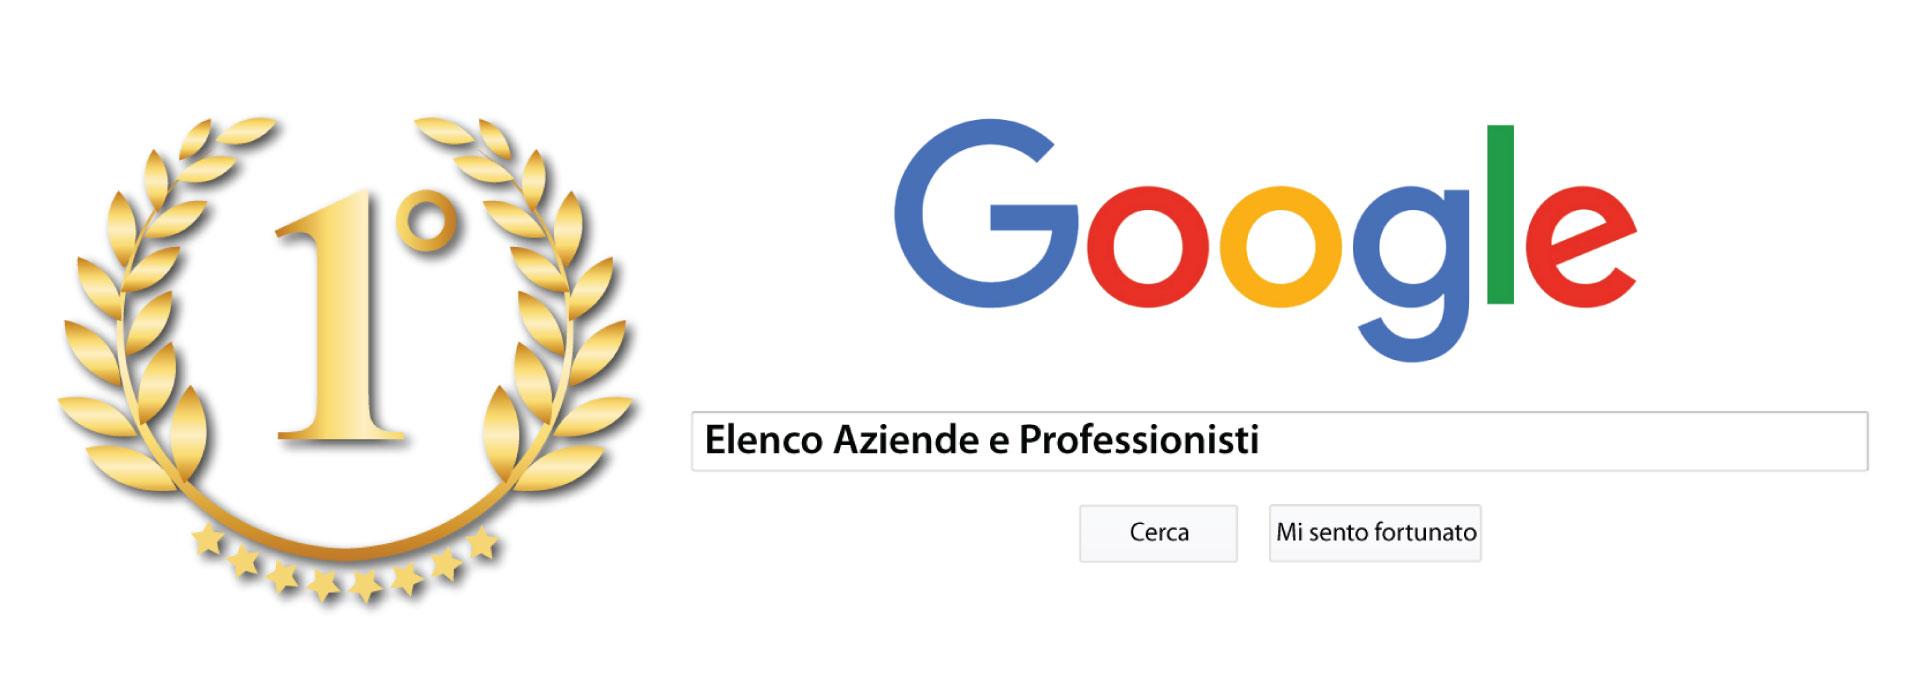 Google உடன் தொடங்கவும்